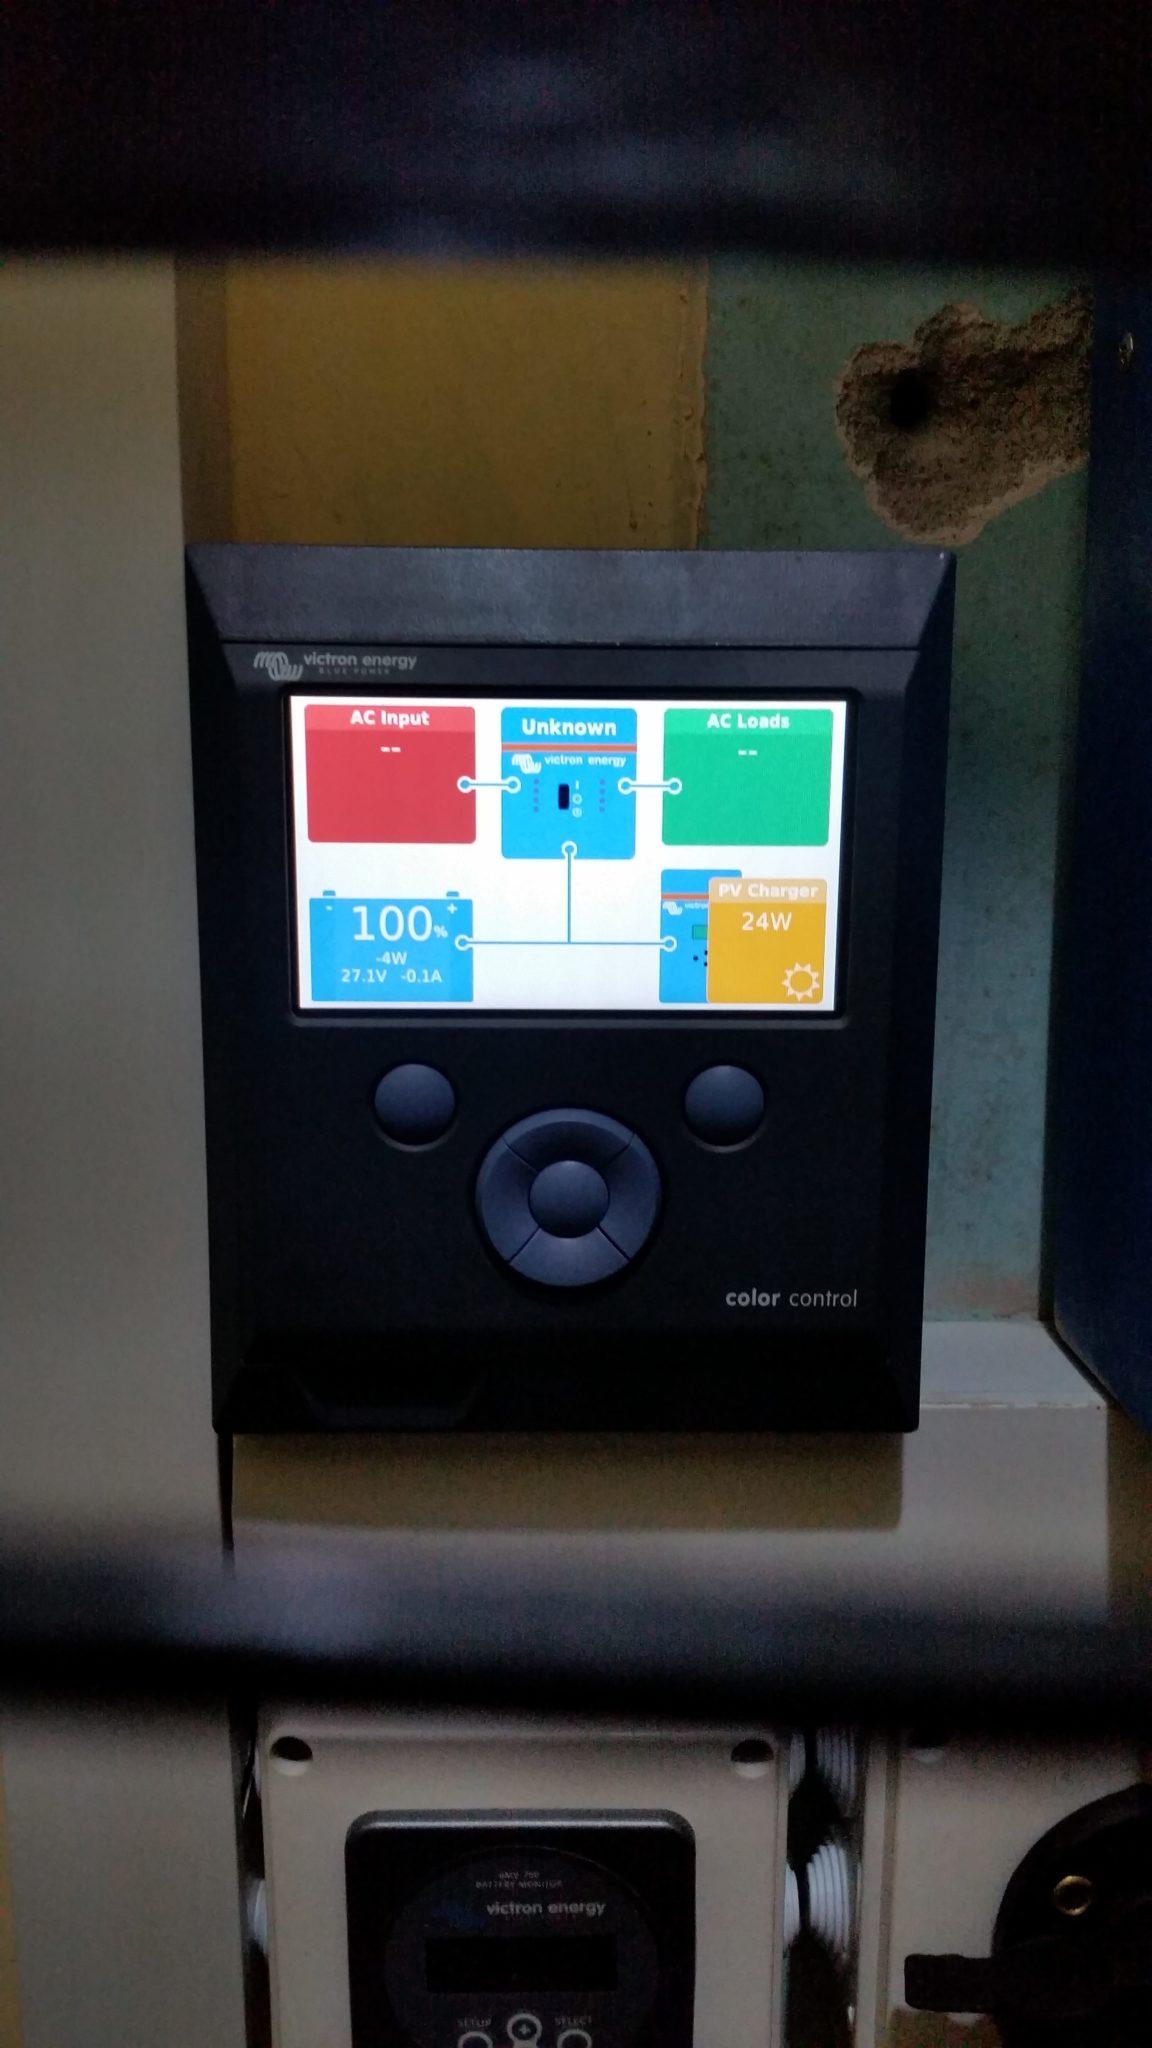 De Color Control, ons nieuwste speelgoedje waarmee we vanaf onze computer of smartphone op elk moment van de dag de prestaties van de PV installatie kunnen opvolgen. Lars is dol op de grafiekjes!